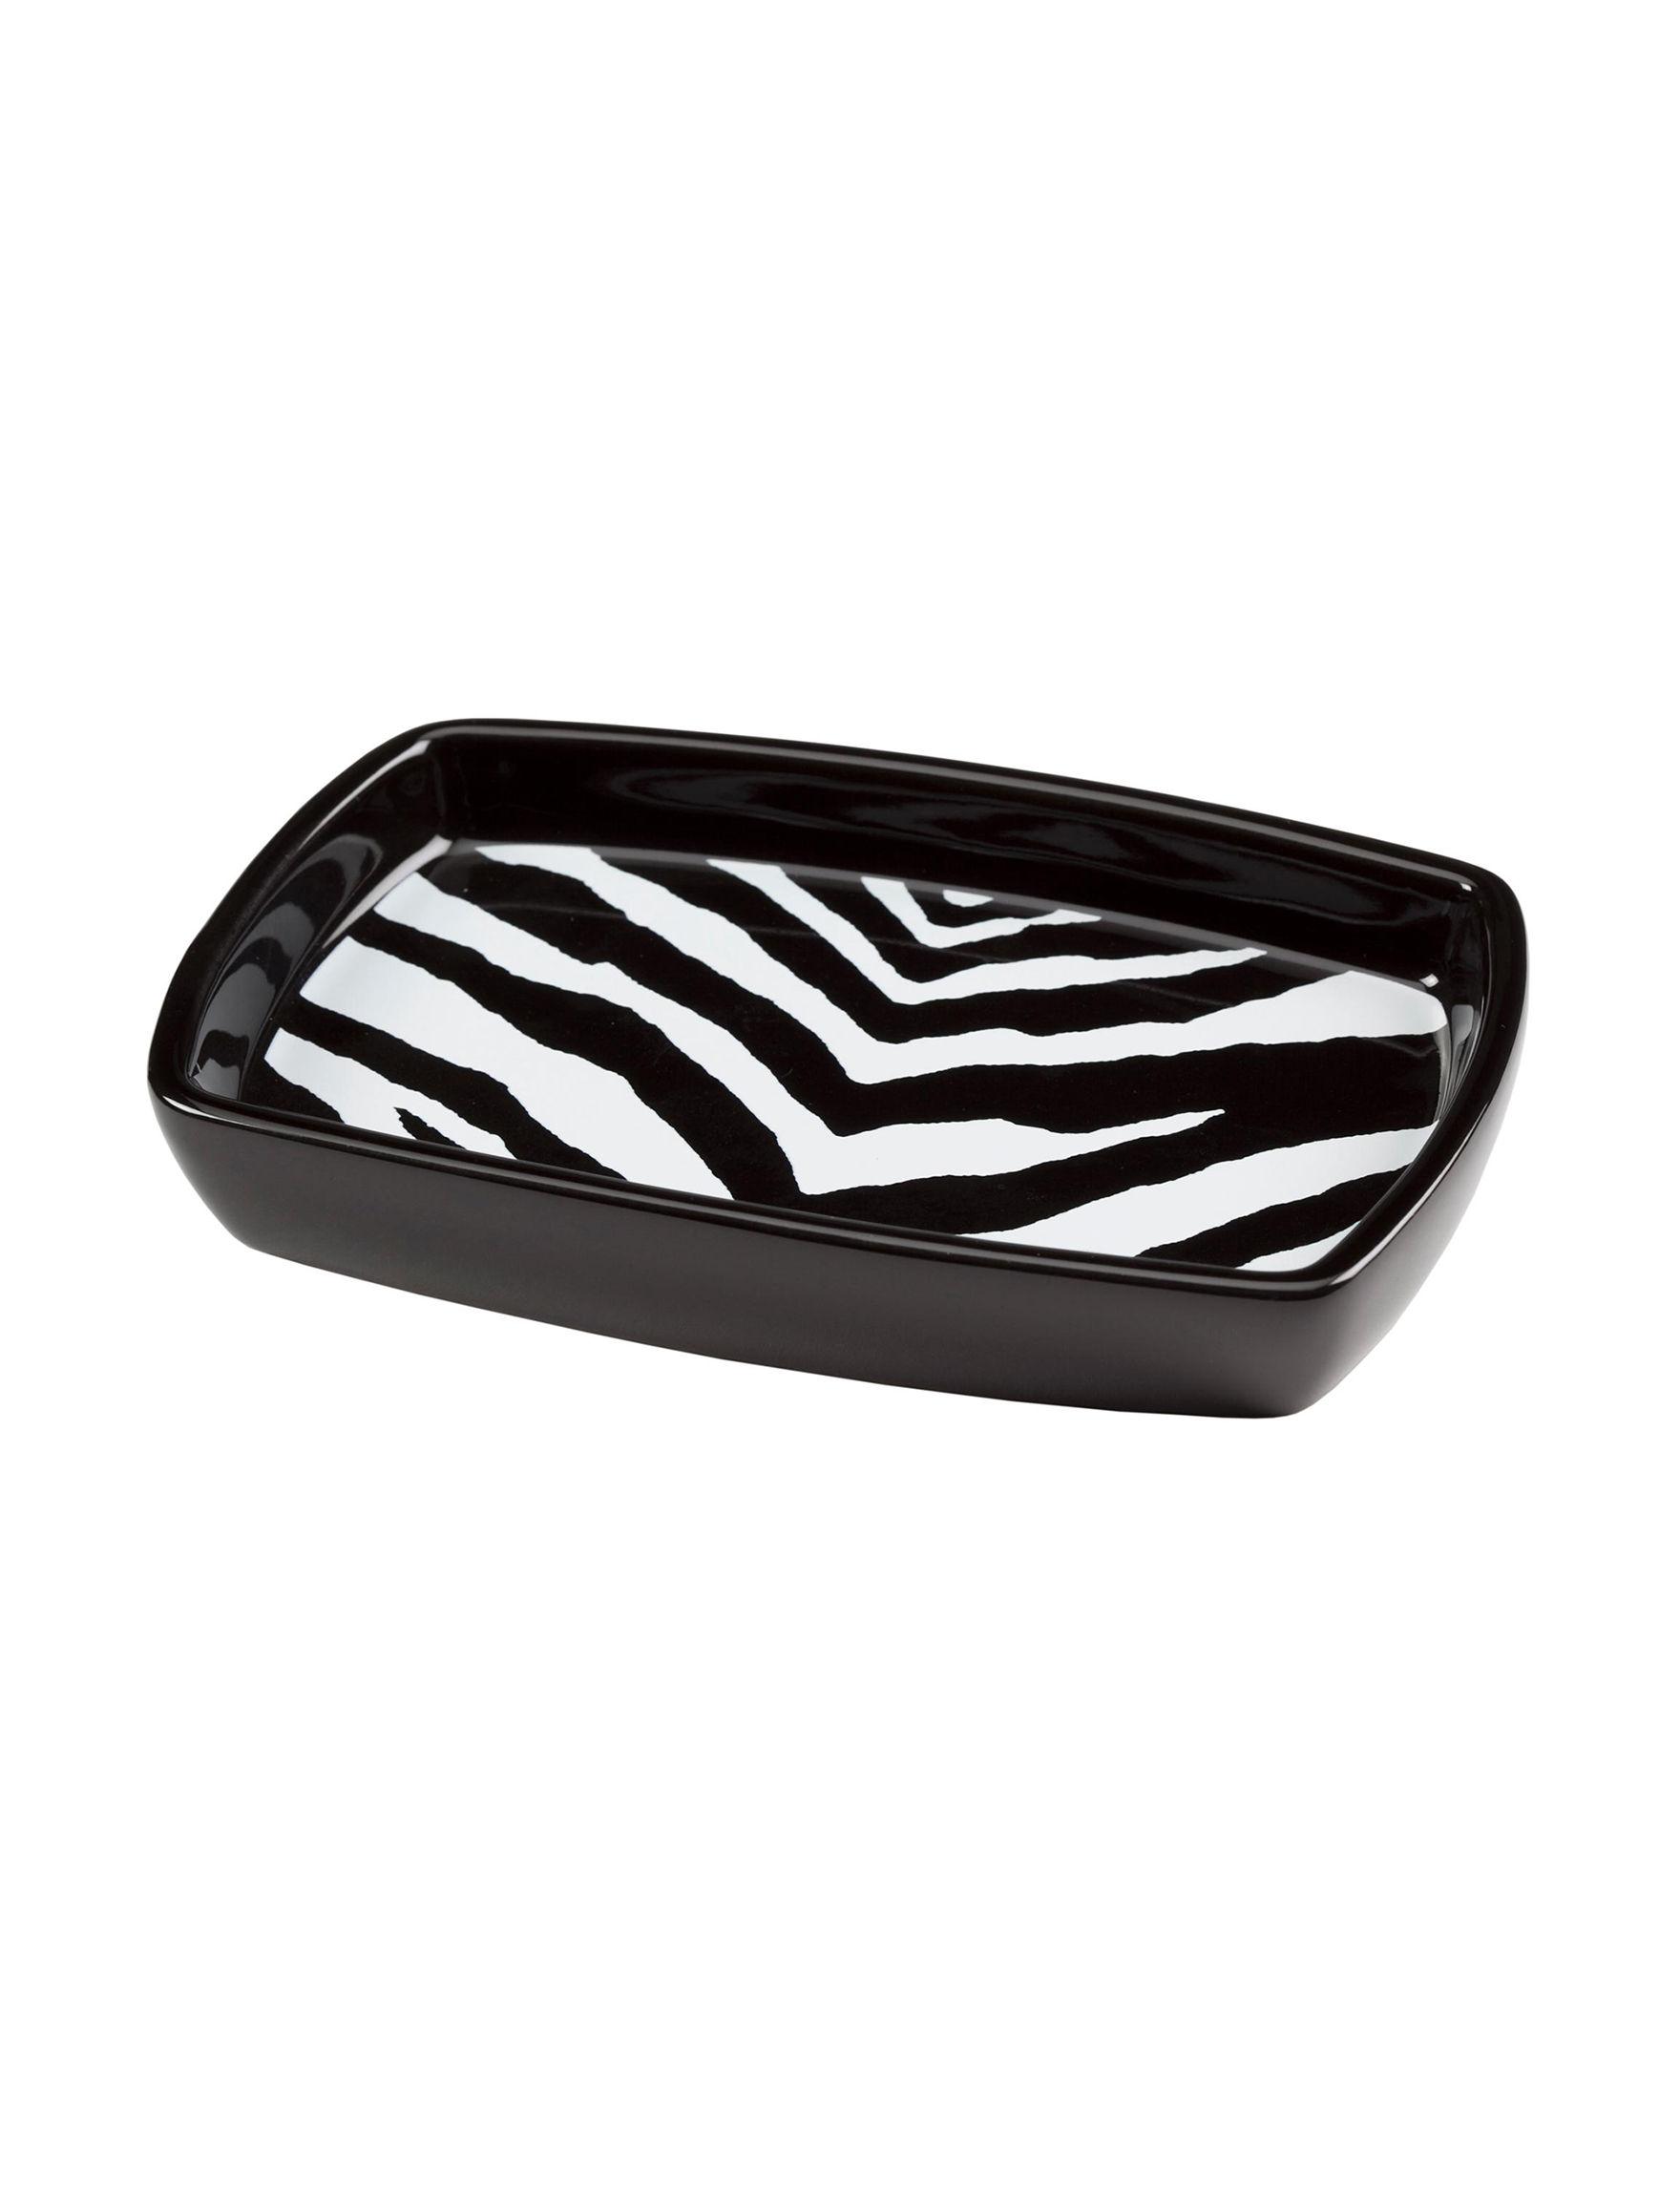 Creativeware Black / White Soap Dishes Bath Accessories